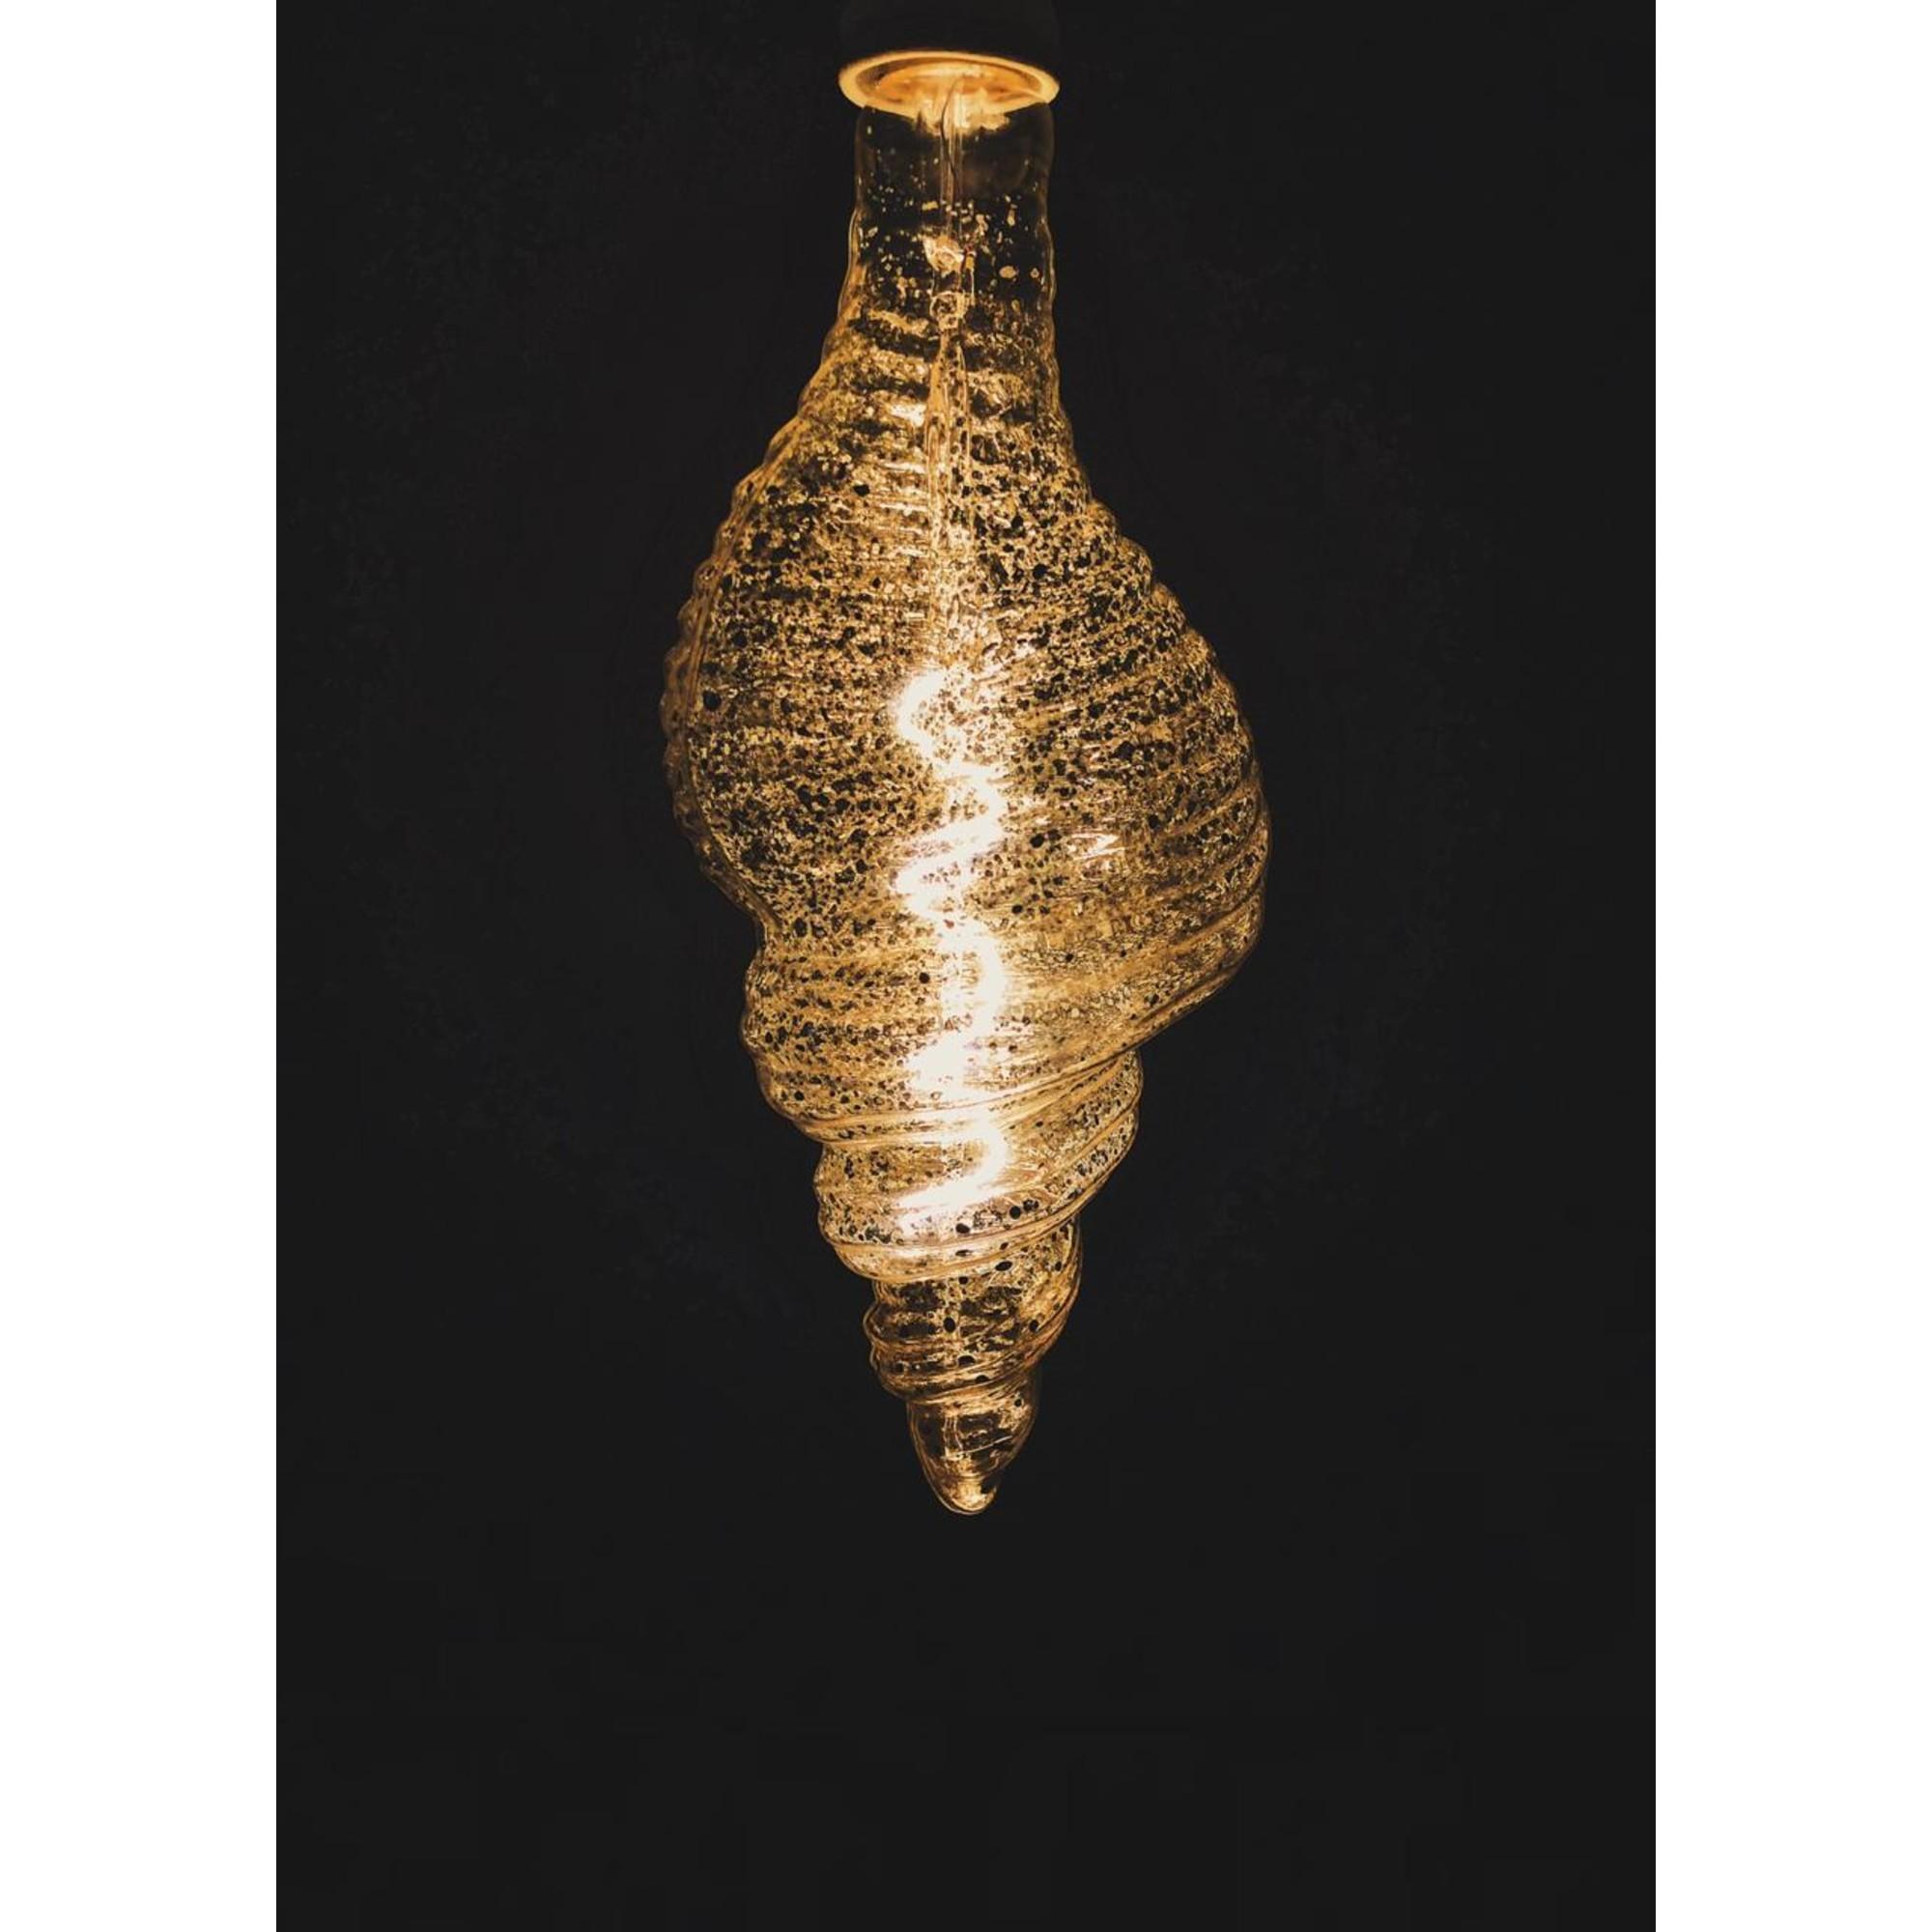 Лампа светодиодная Gauss TL120 E27 6 Вт ракушка 200 лм тёплый белый свет